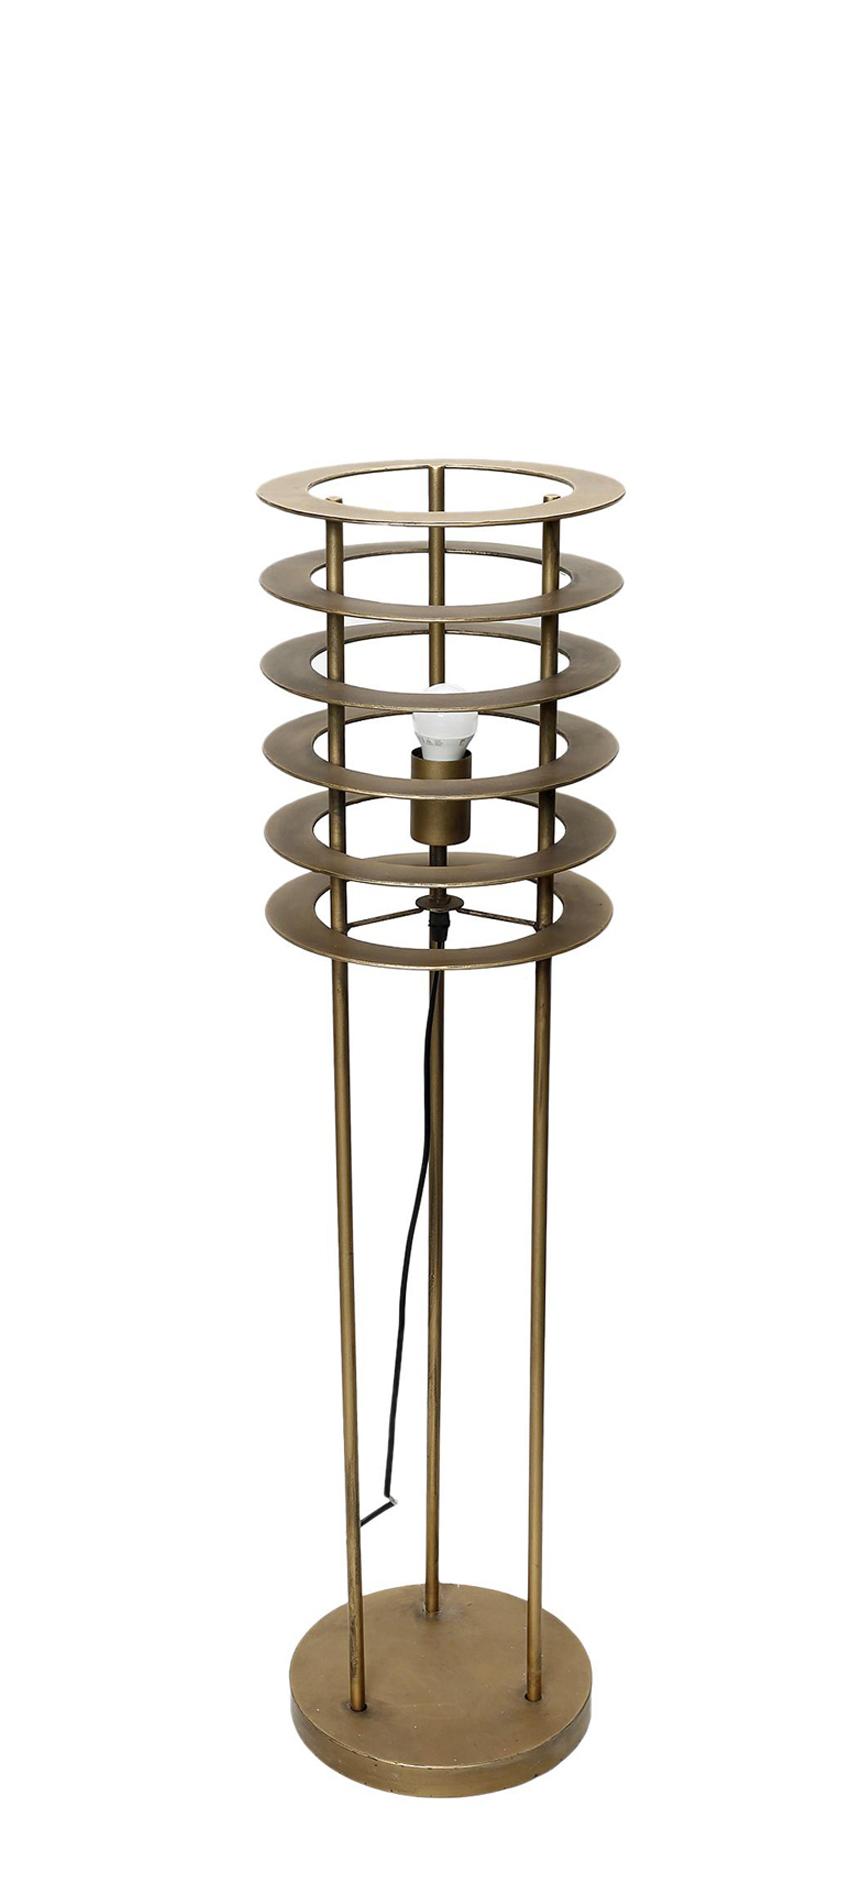 Φωτιστικό Επιτραπέζιο Μεταλλικό Δ21x55εκ. ESPIEL FUT333 (Υλικό: Μεταλλικό) - ESPIEL - FUT333